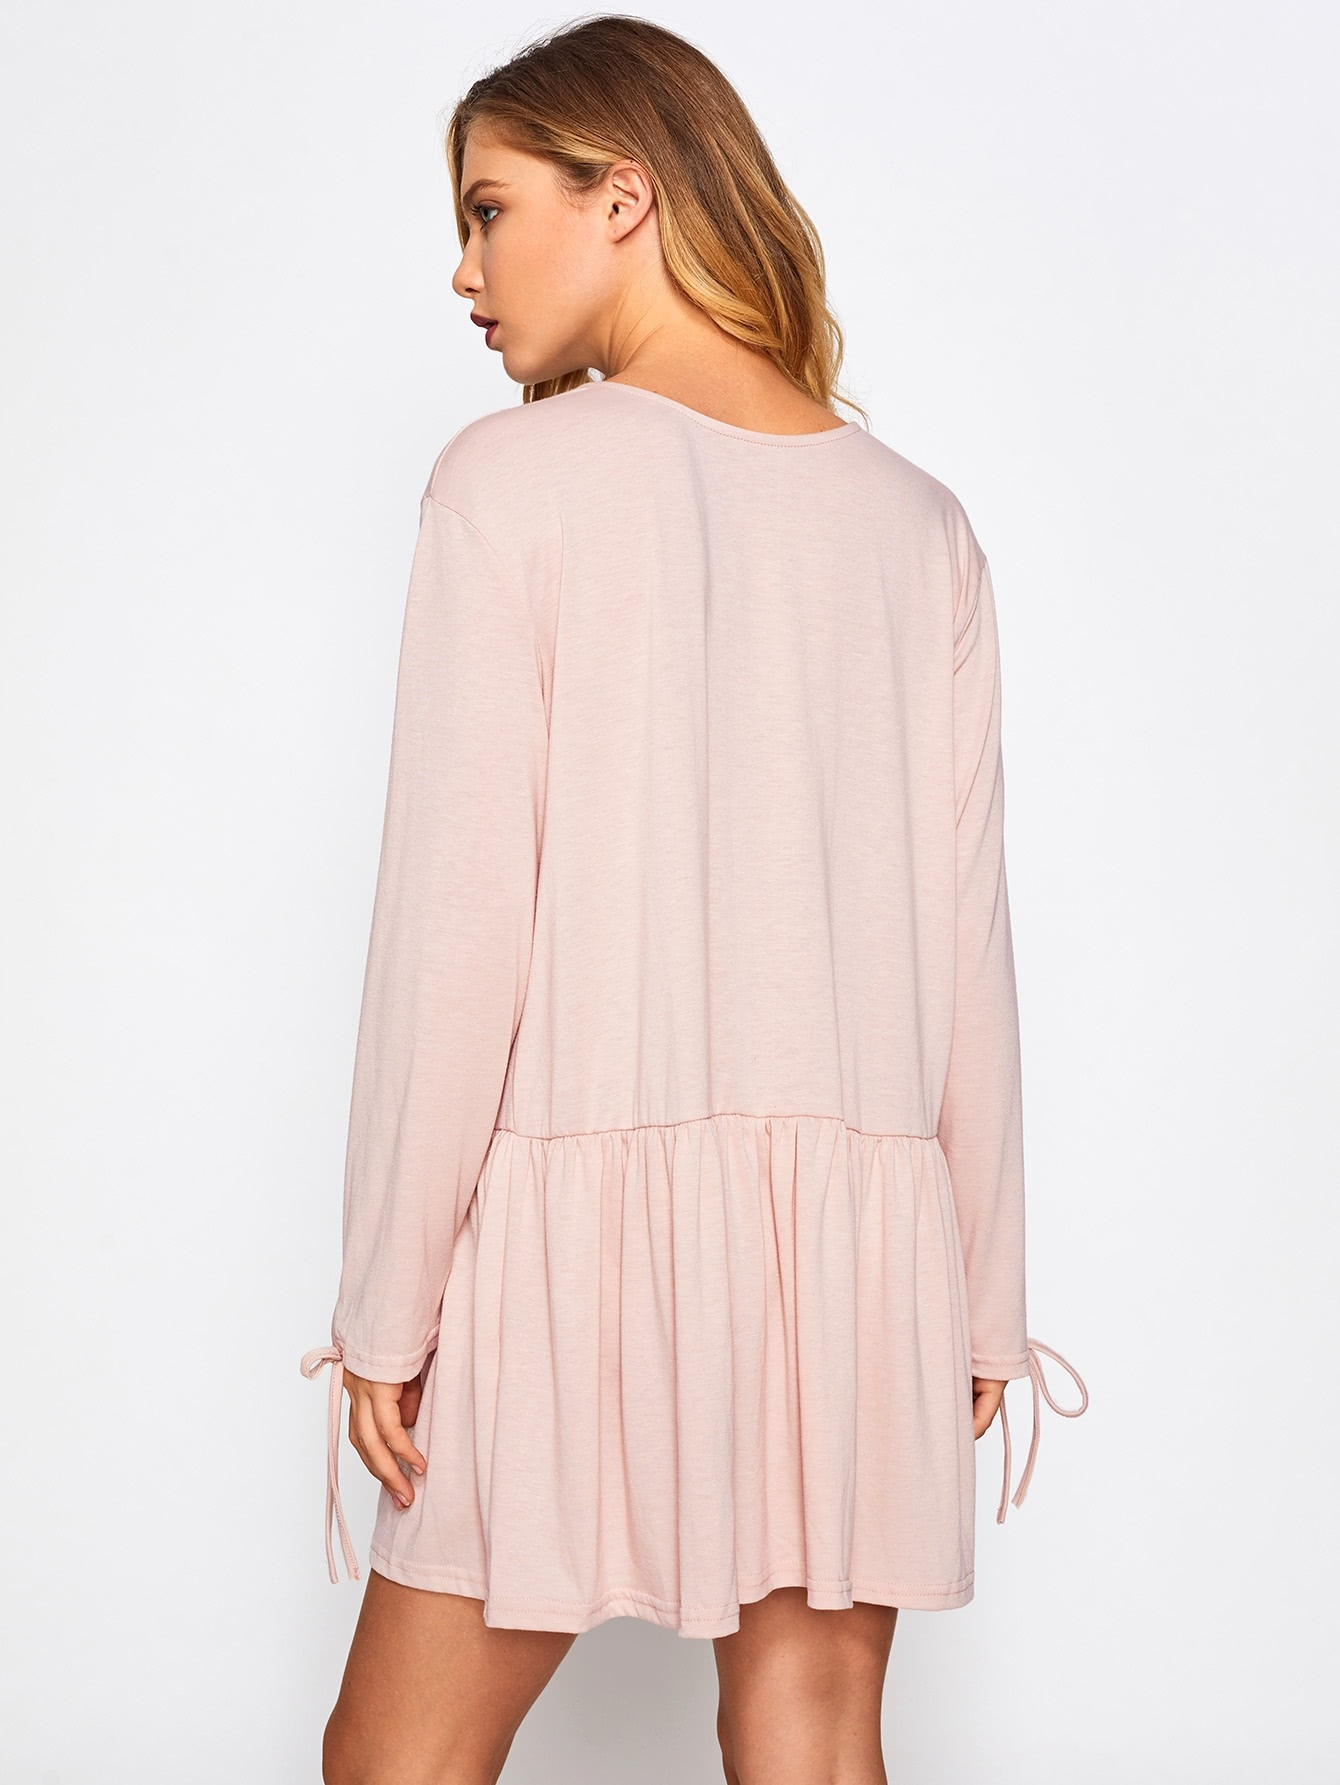 Formal Cool Kleid Rosa Langarm Galerie10 Genial Kleid Rosa Langarm Ärmel